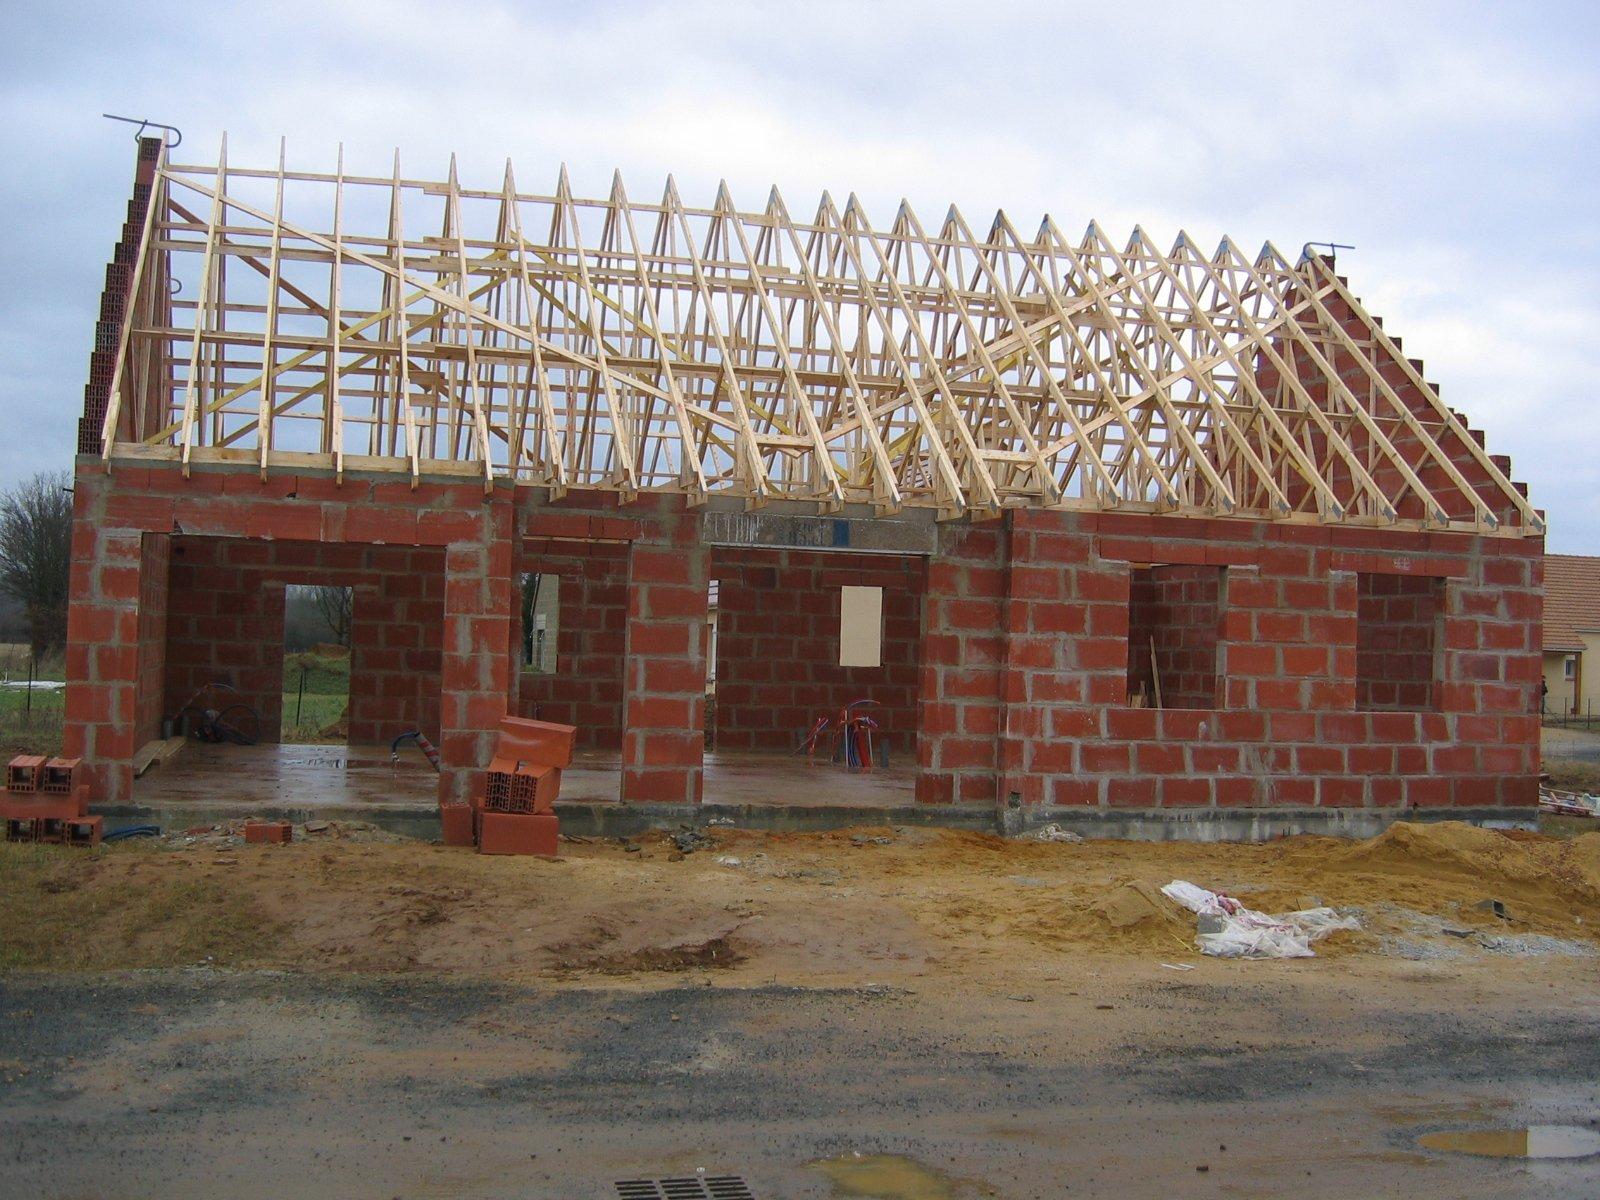 Charpente construire sa maison ce qu il faut savoir for Construire une maison ce qu il faut savoir